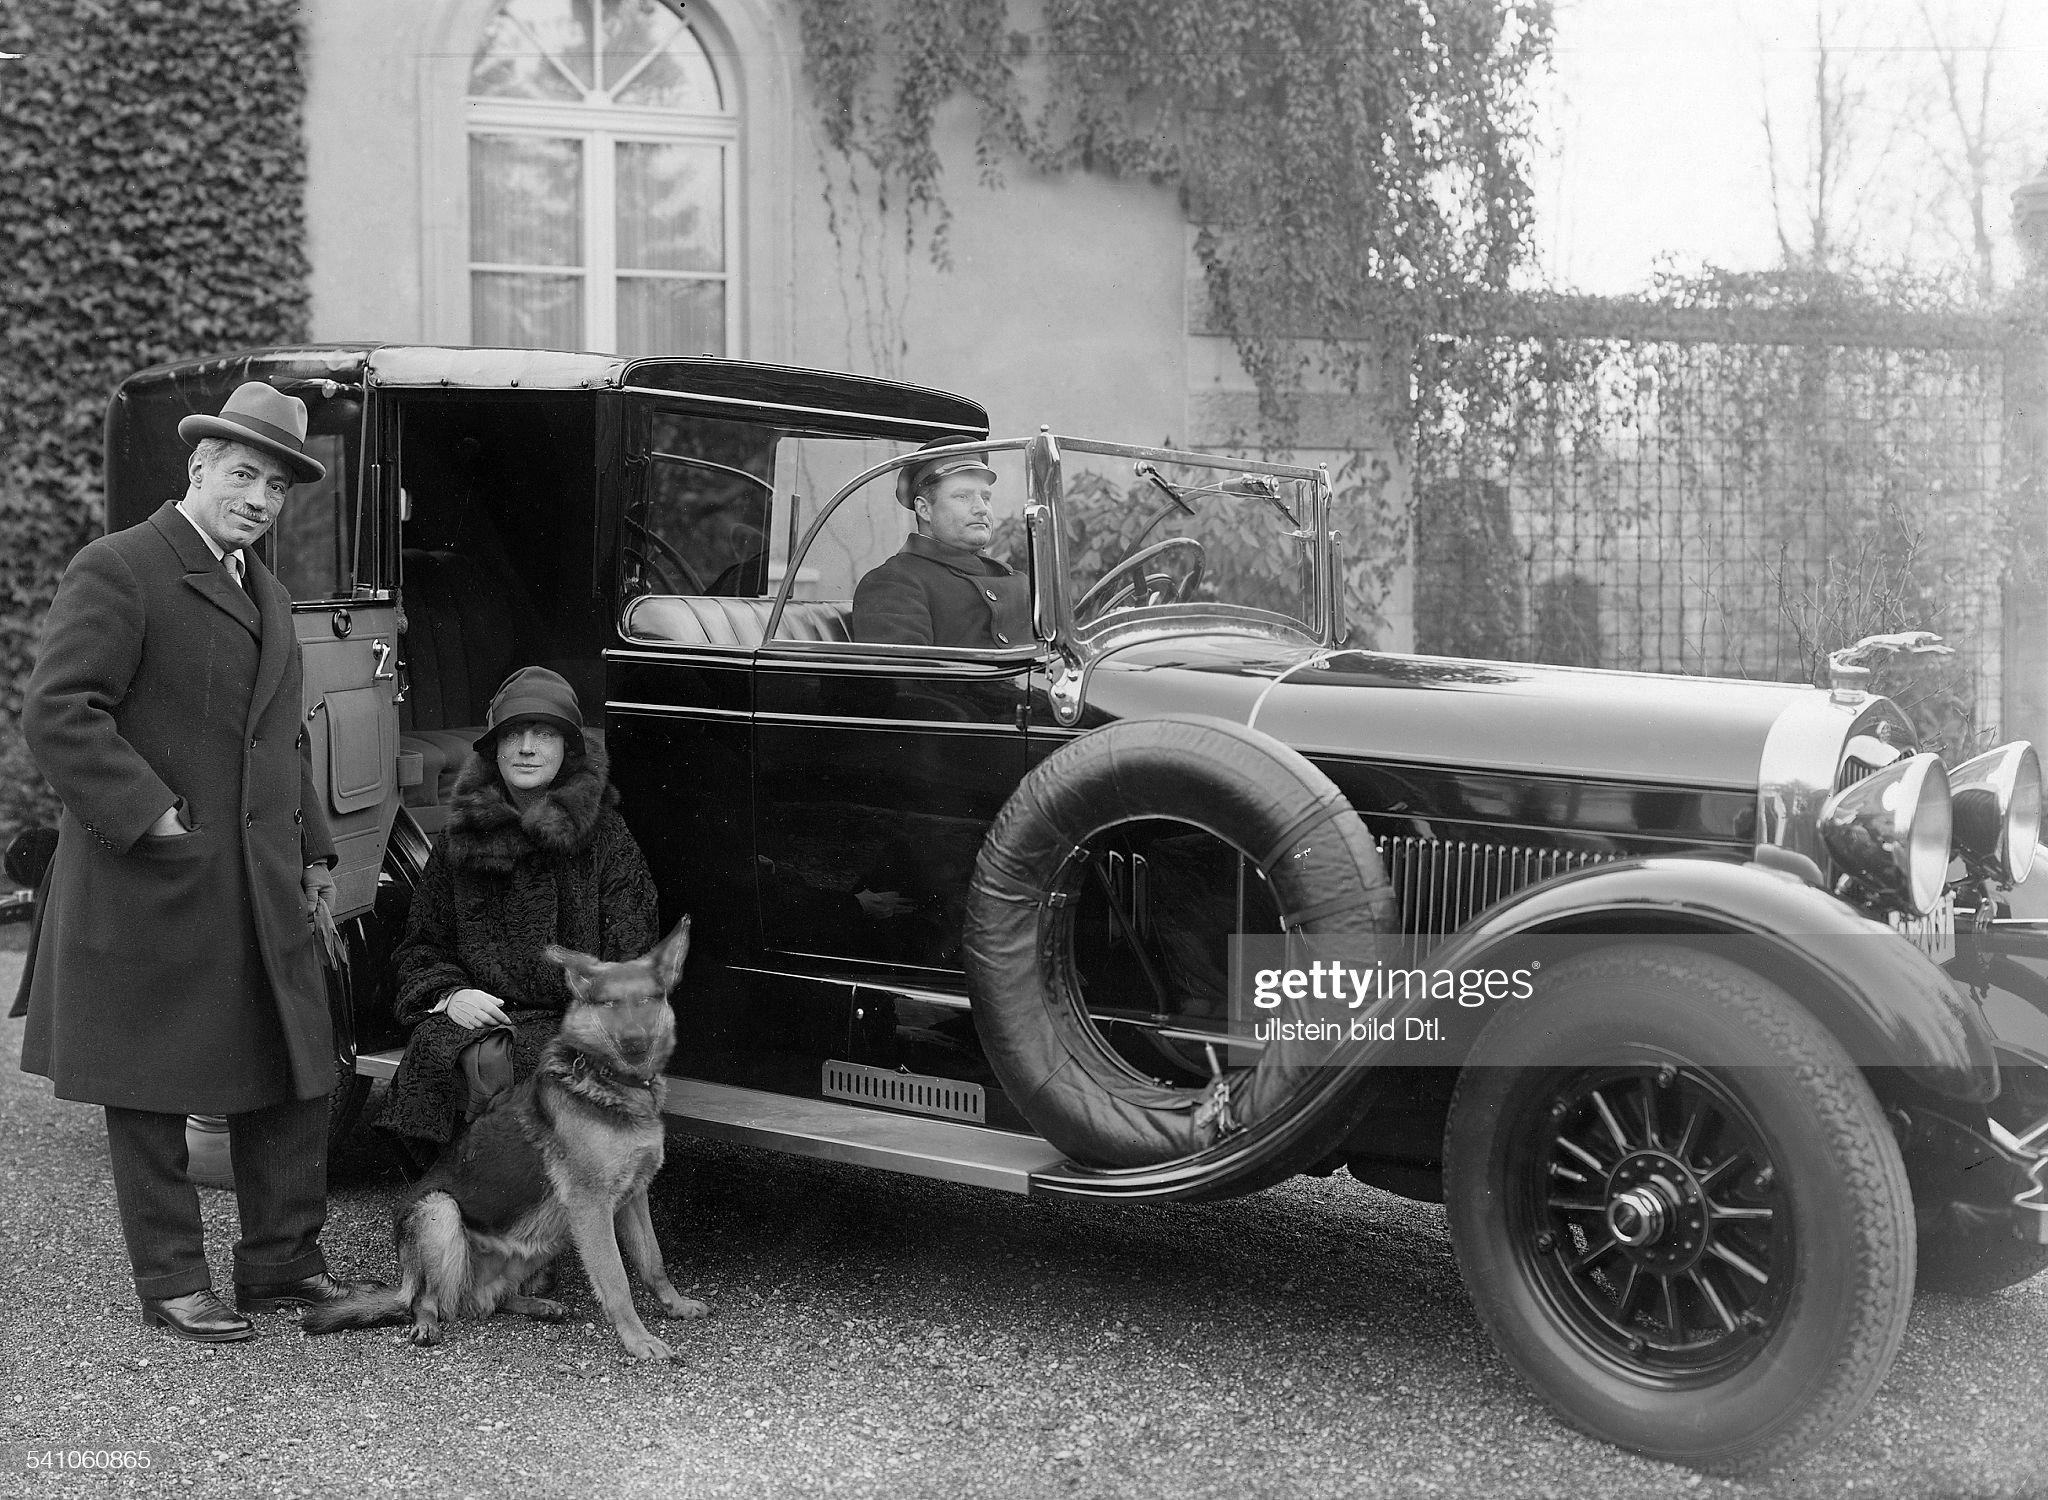 Fritz Kreisler : News Photo